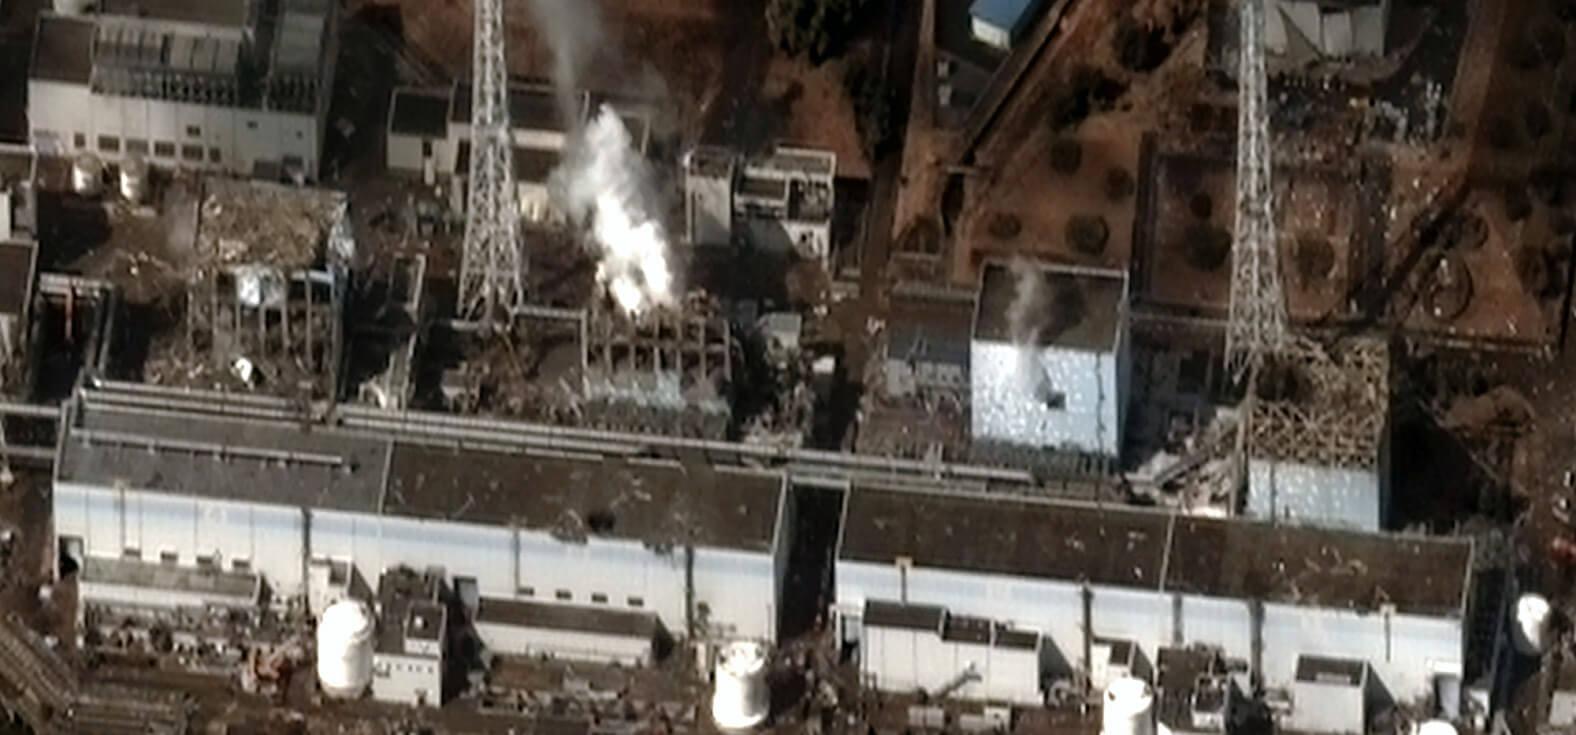 Das Atomkraftwerk Fukushima nach dem Super-GAU aus der Luft fotografiert